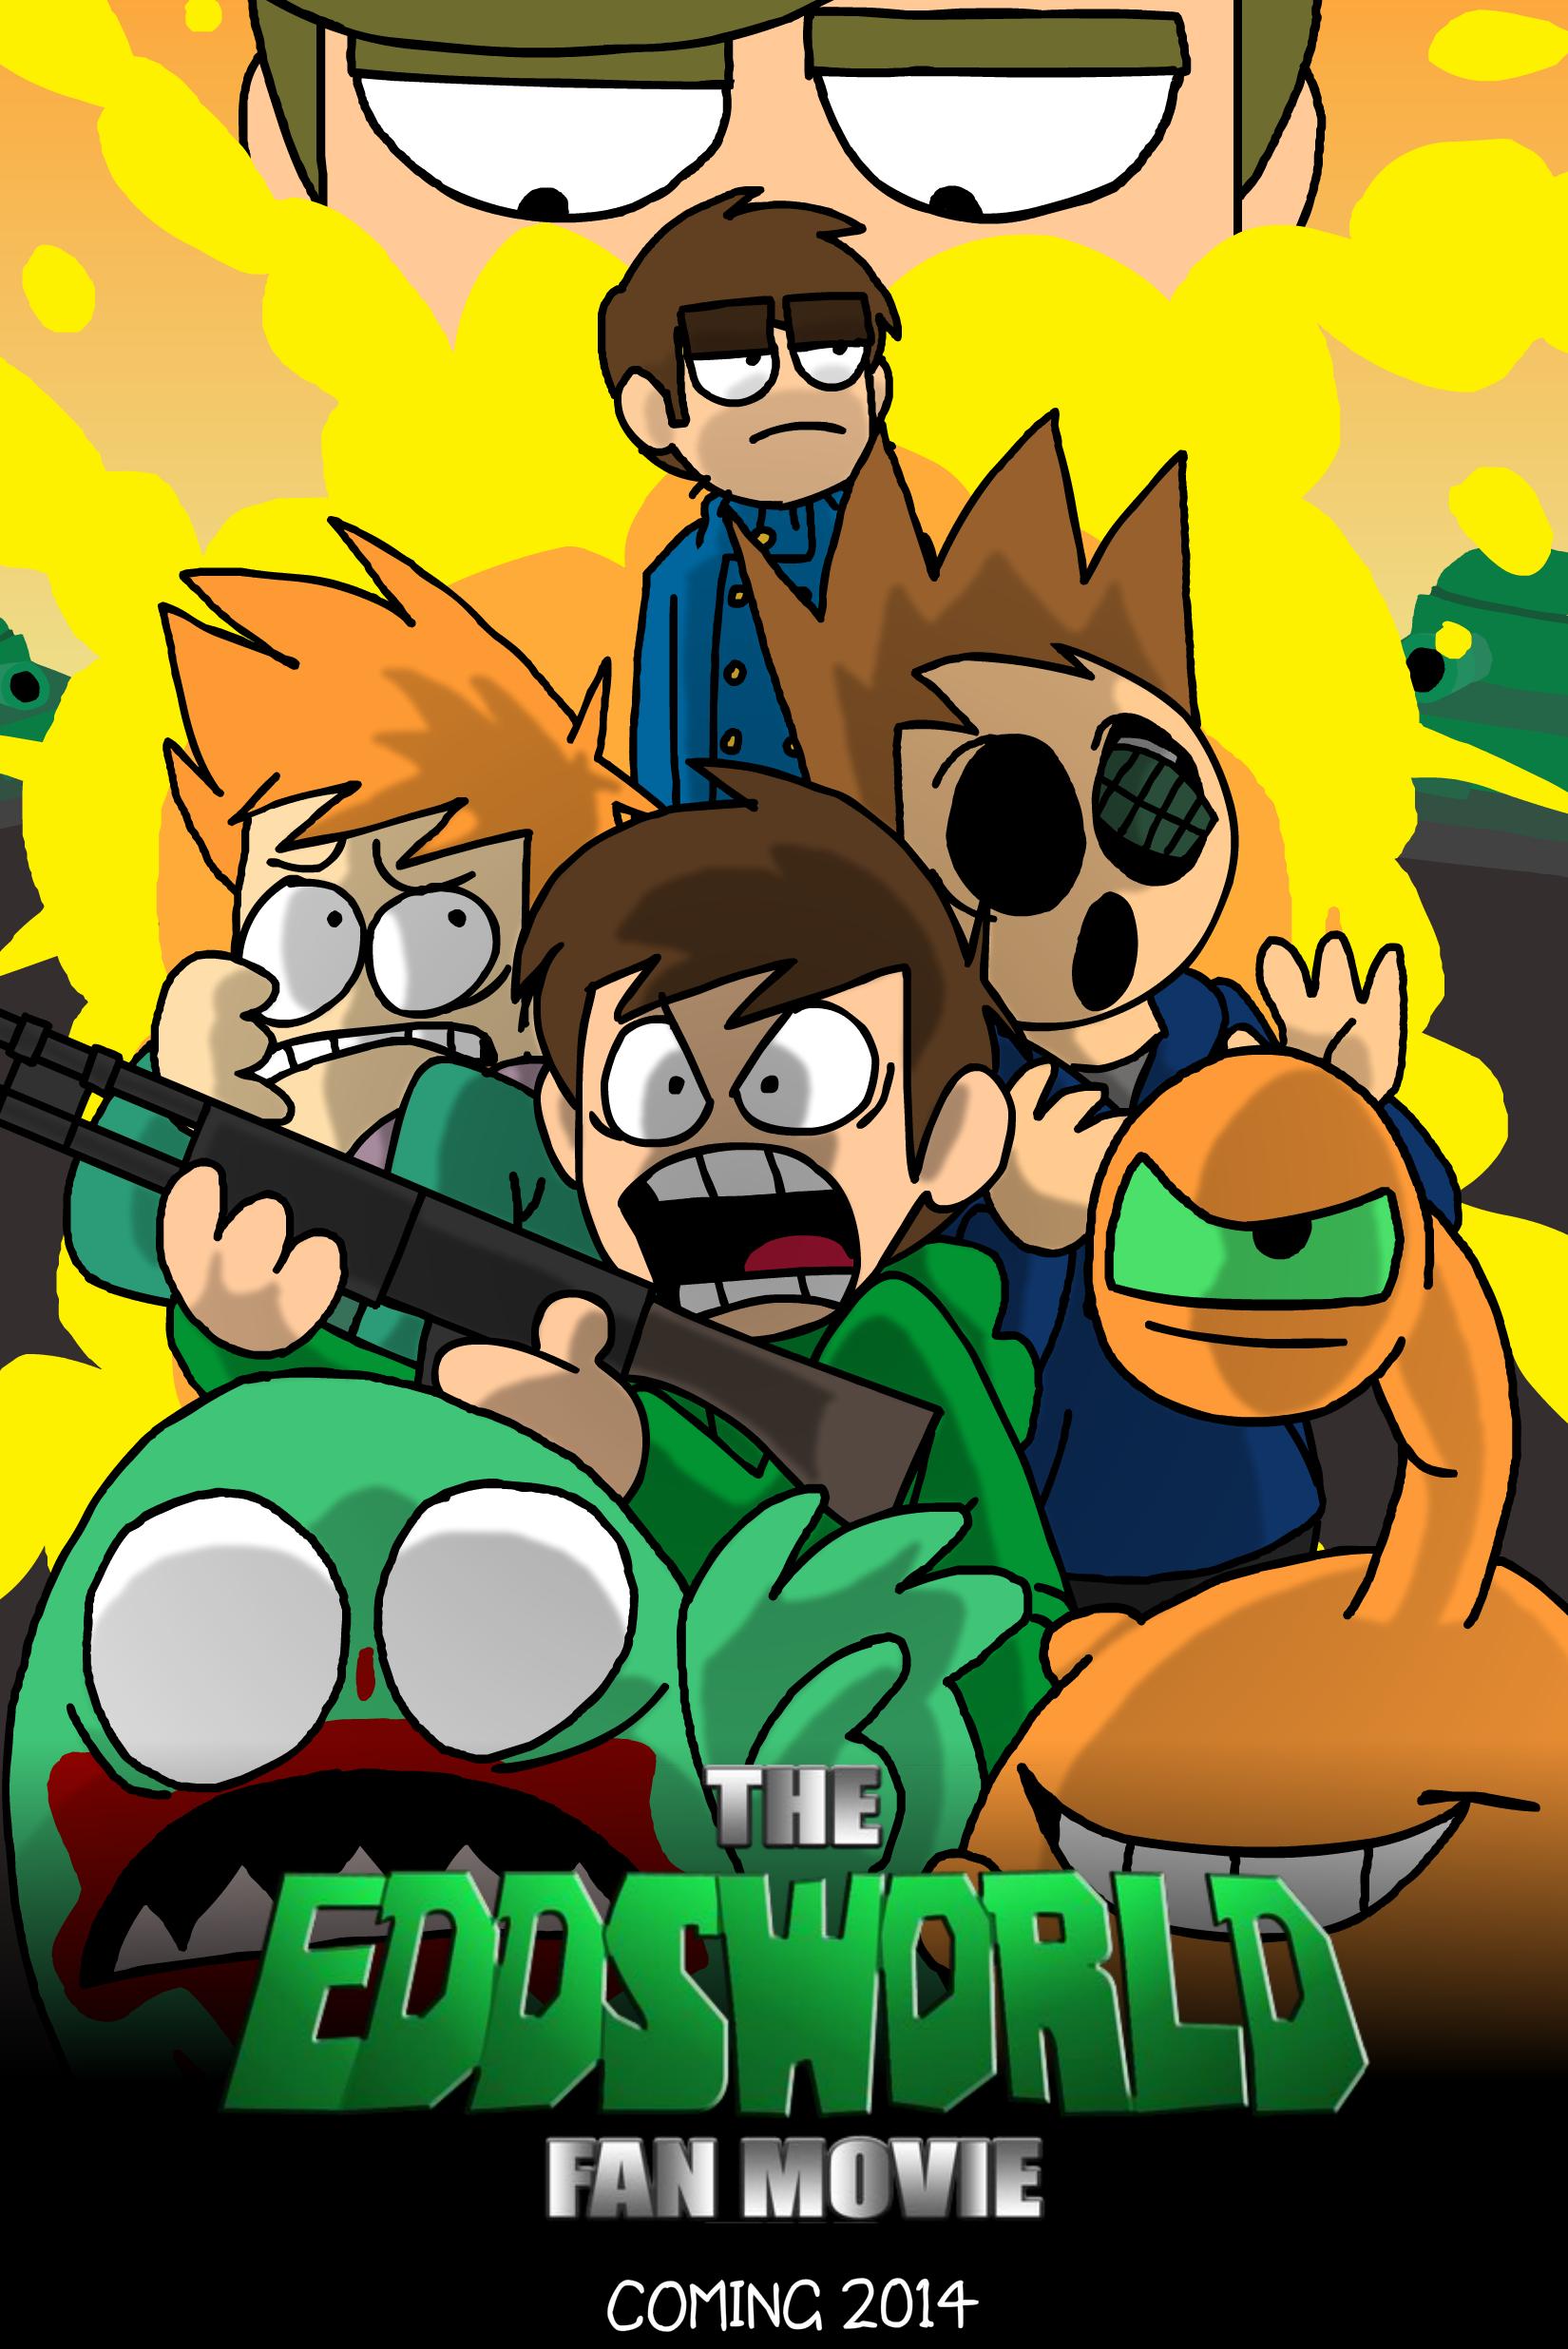 Eddsworld Fan Movie Poster remake